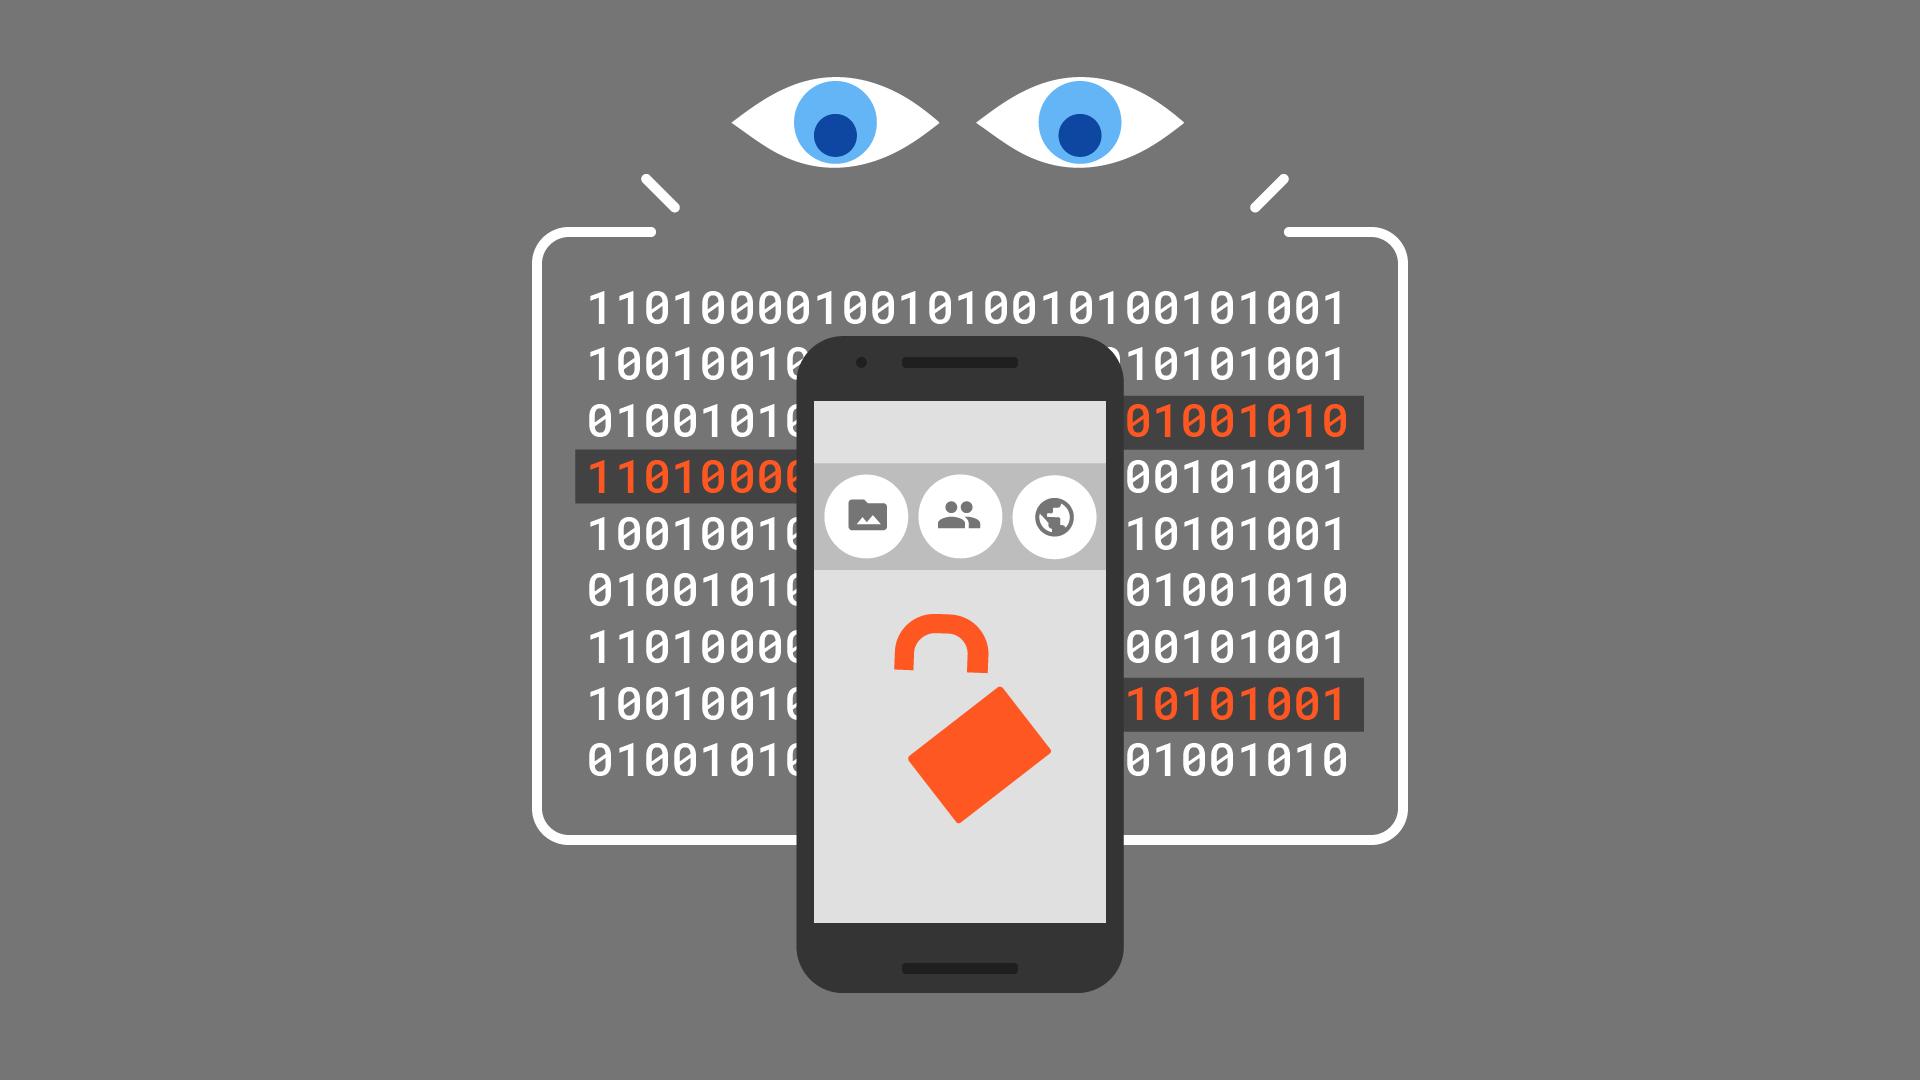 モバイル セキュリティのイラスト